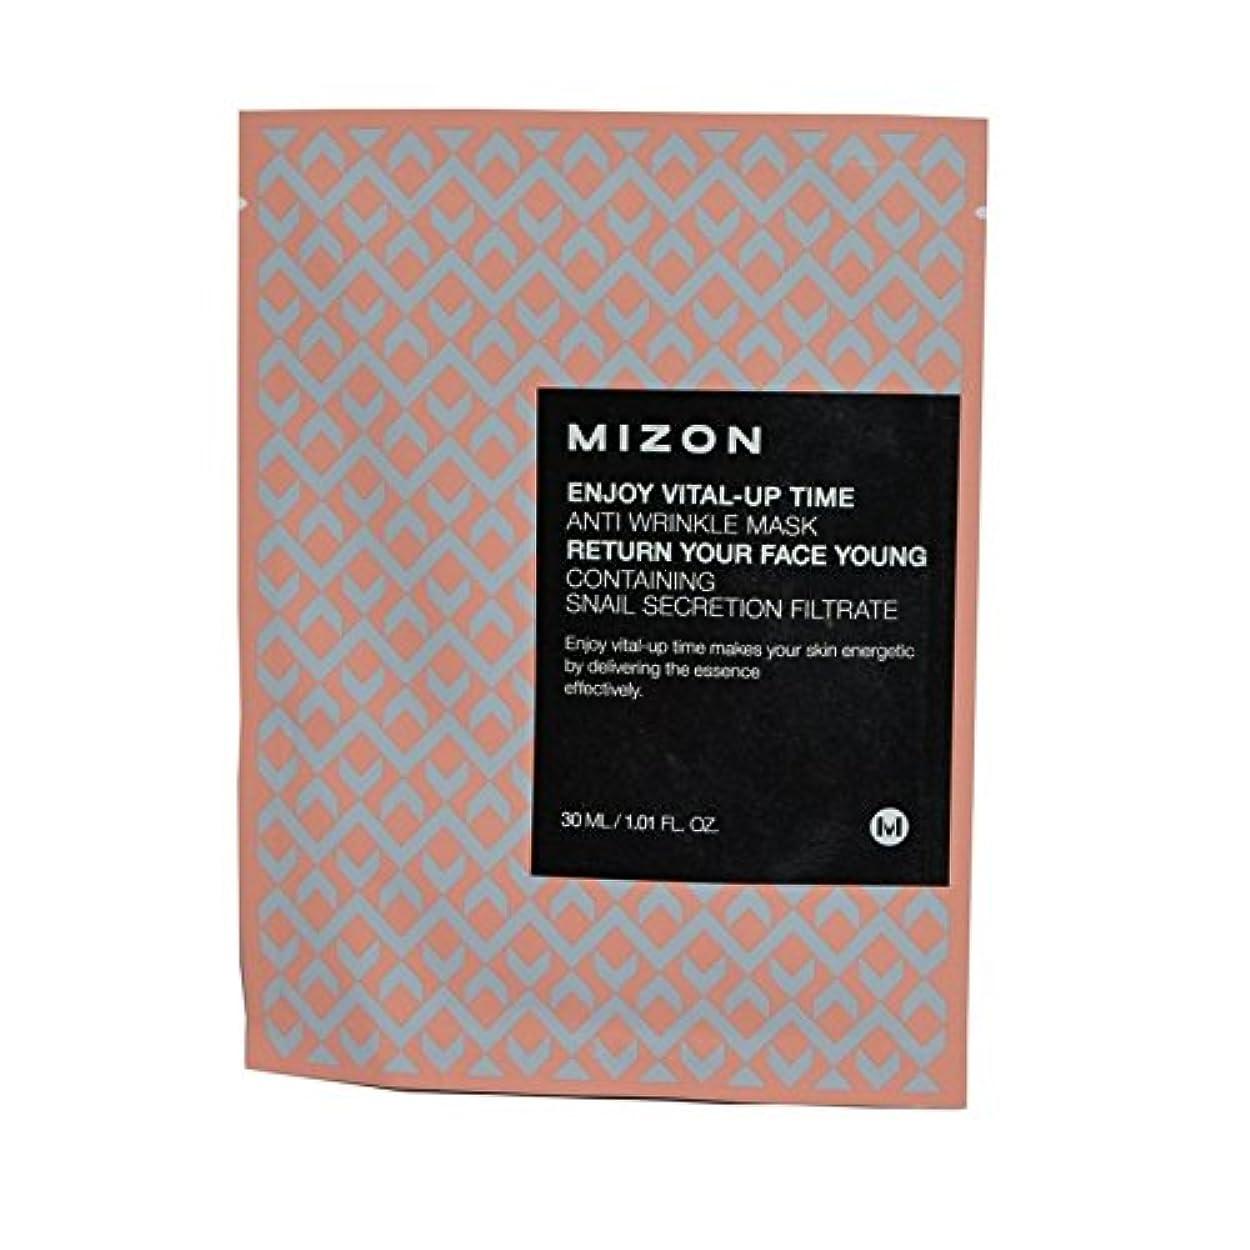 論文かわす絶え間ないが不可欠アップ時間抗しわマスクを楽しみます x4 - Mizon Enjoy Vital Up Time Anti-Wrinkle Mask (Pack of 4) [並行輸入品]